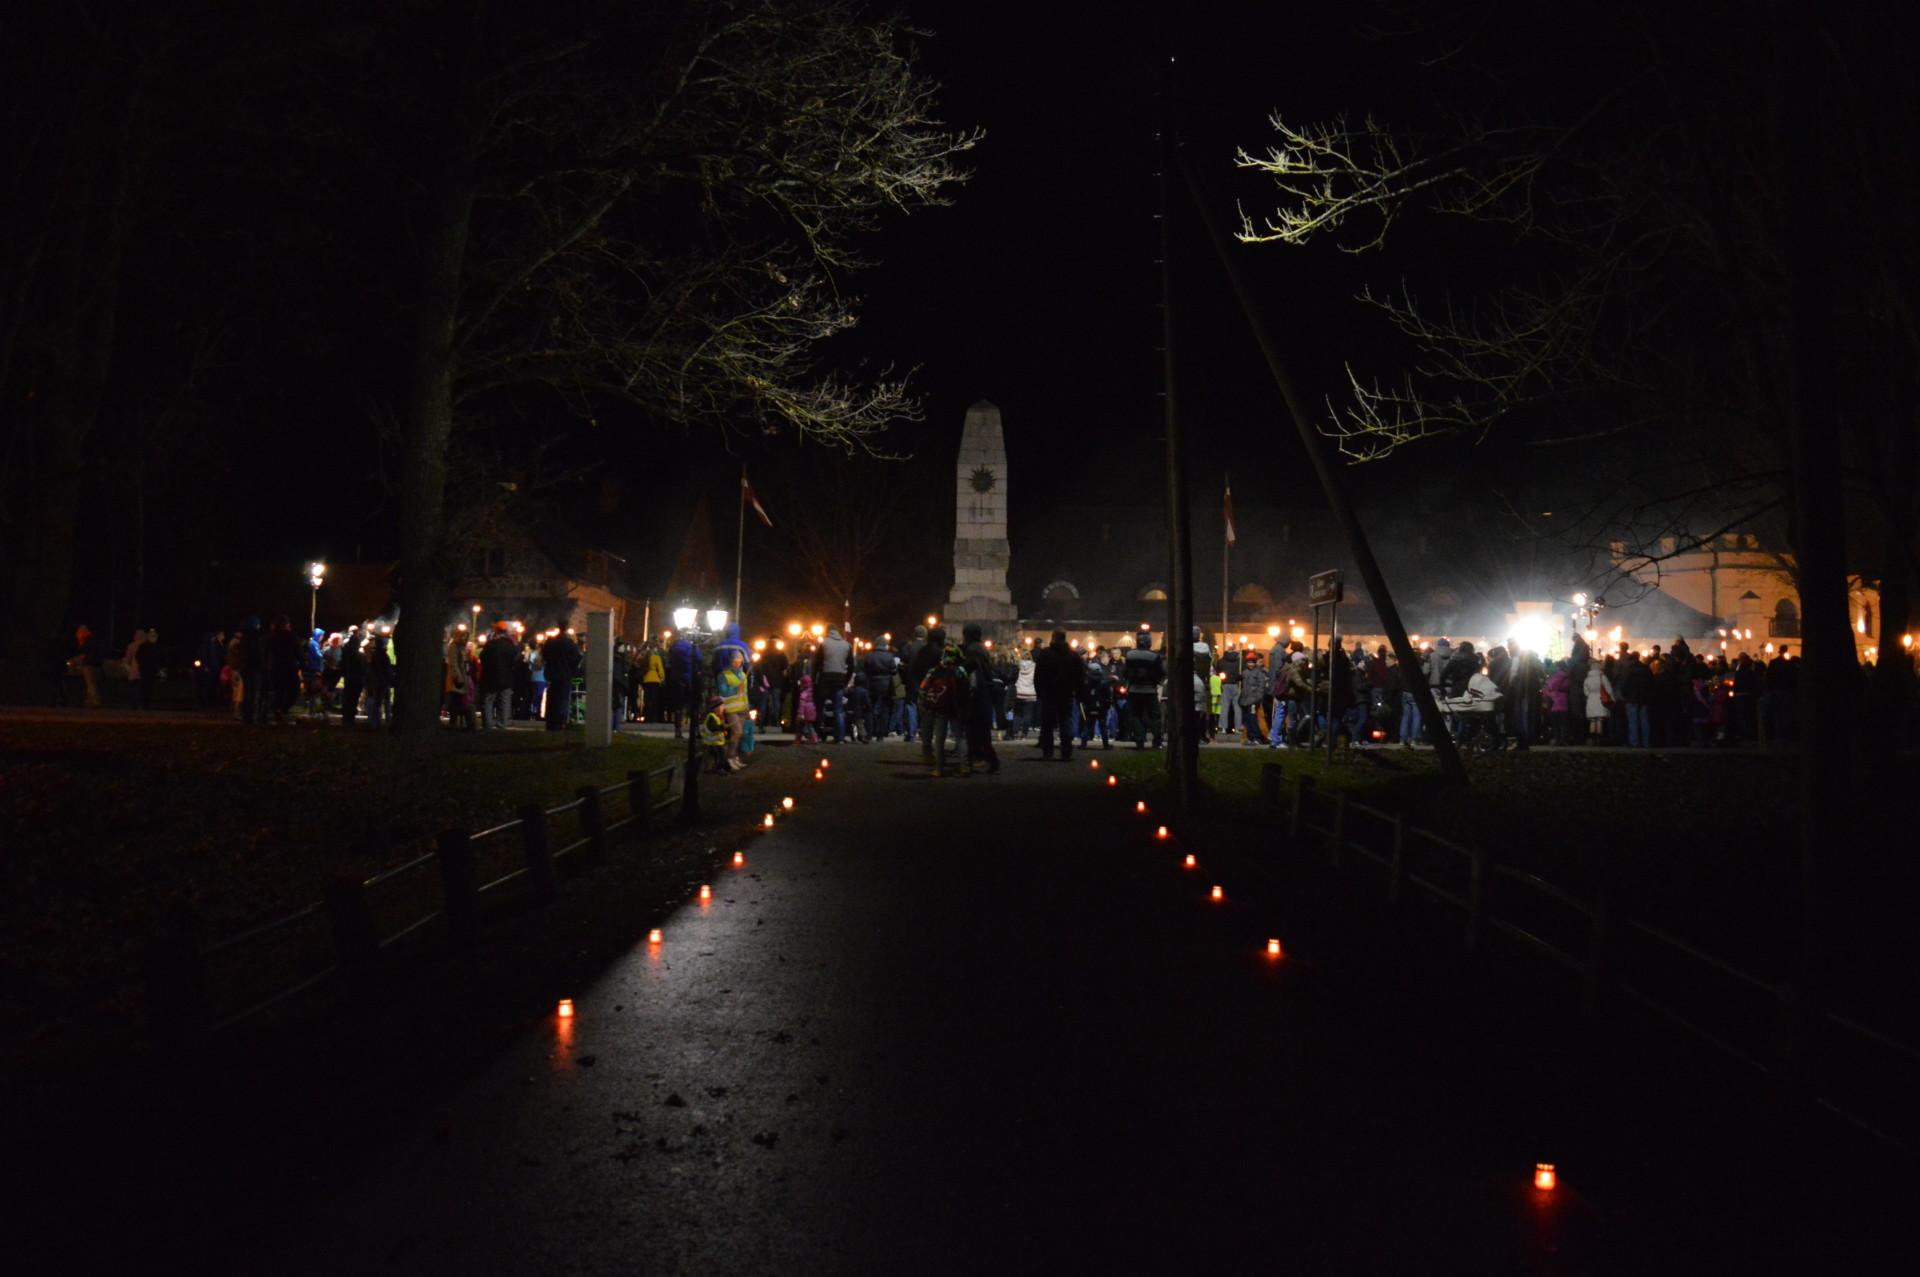 Piemineklis par Latvijas brīvību kritušajiem Gulbenes draudzes locekļiem Gallery photo